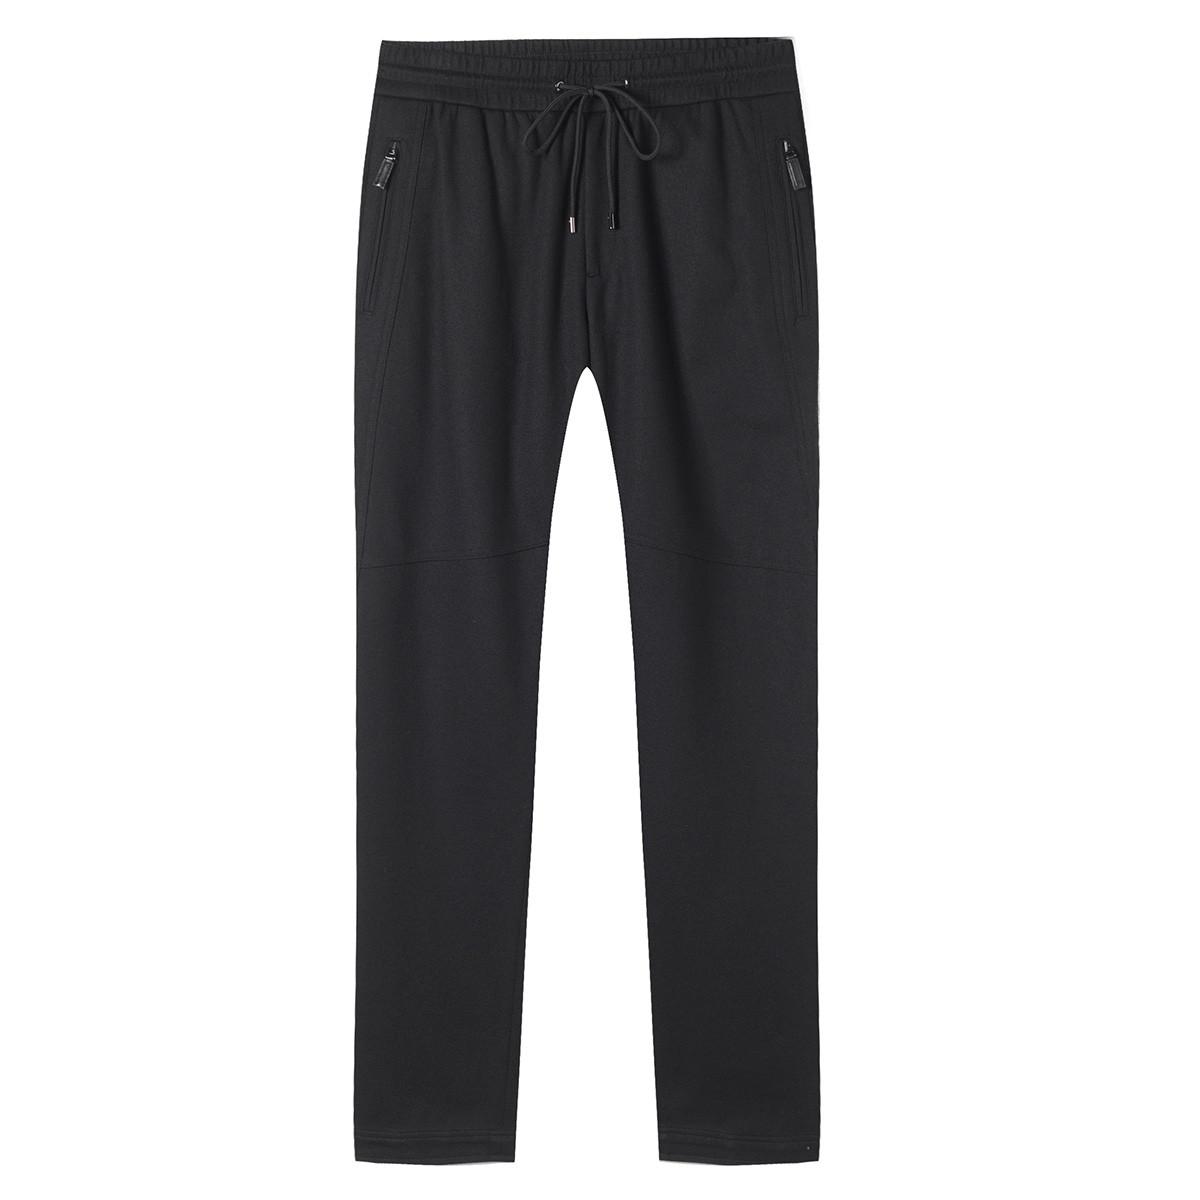 DEGAIA男士百搭纯色运动休闲裤DGA-D1623563501